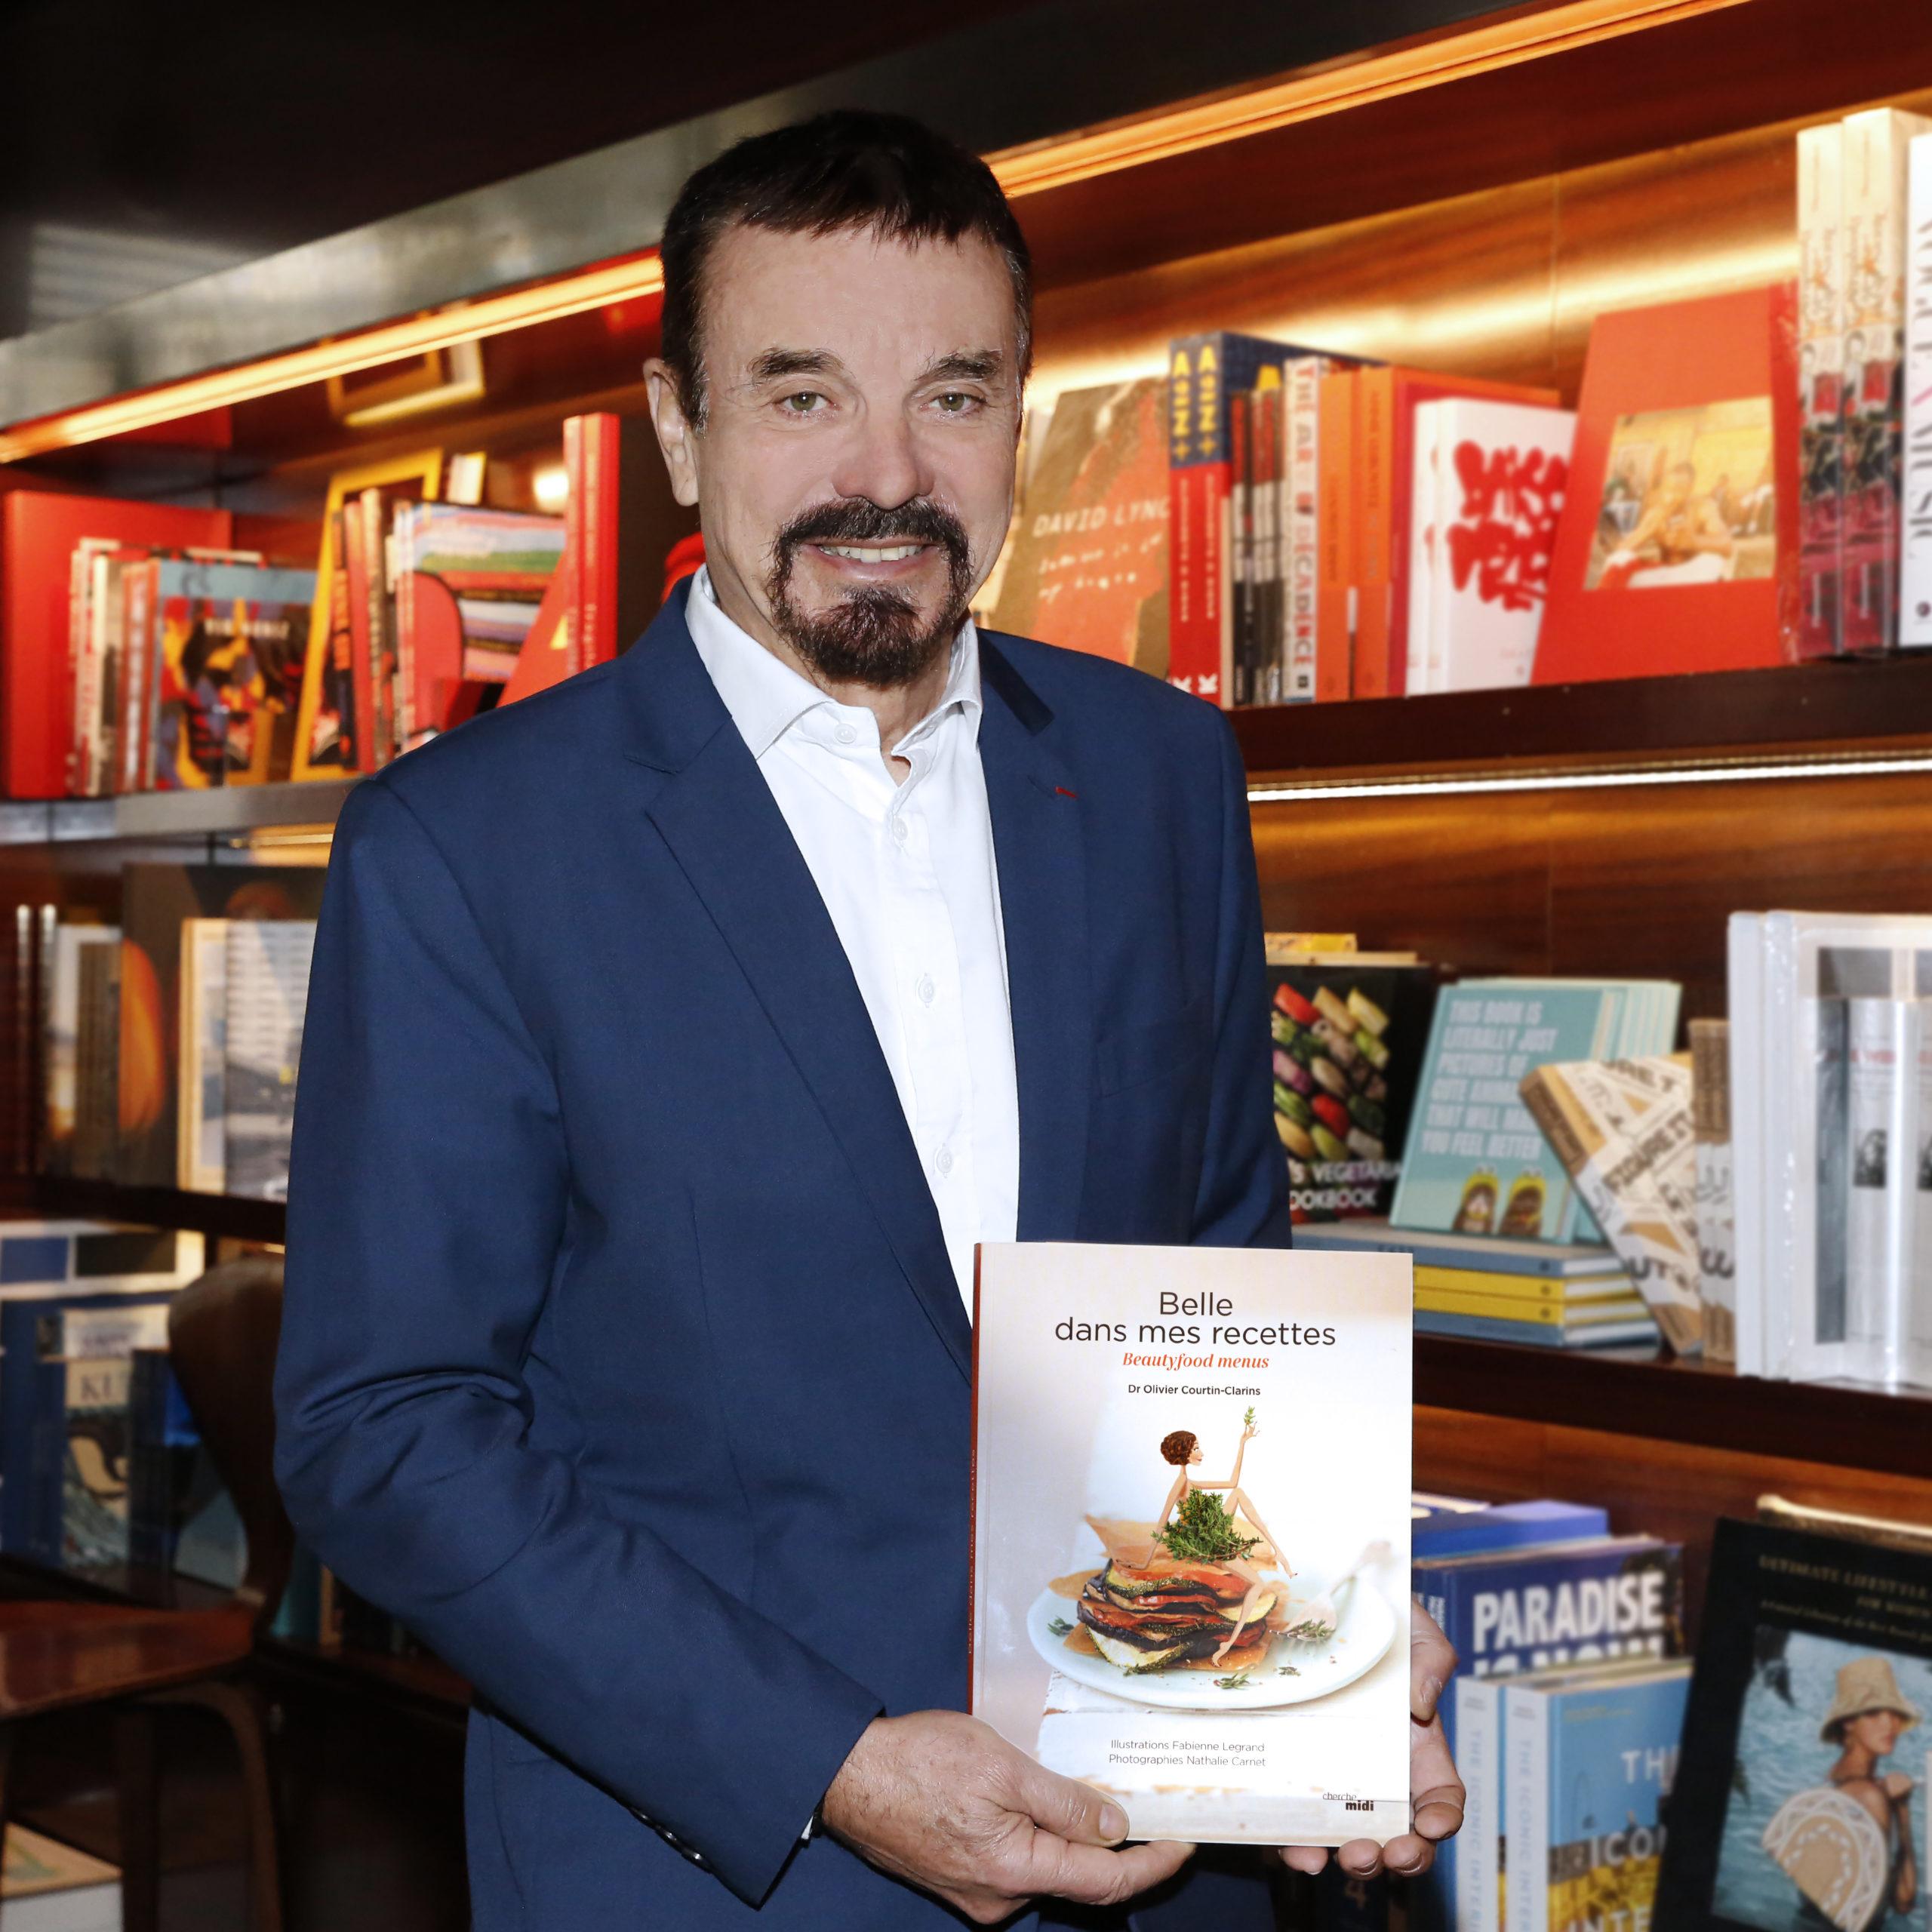 Sortie du livre «Belle dans mes recettes» du Dr Olivier Courtin-Clarins